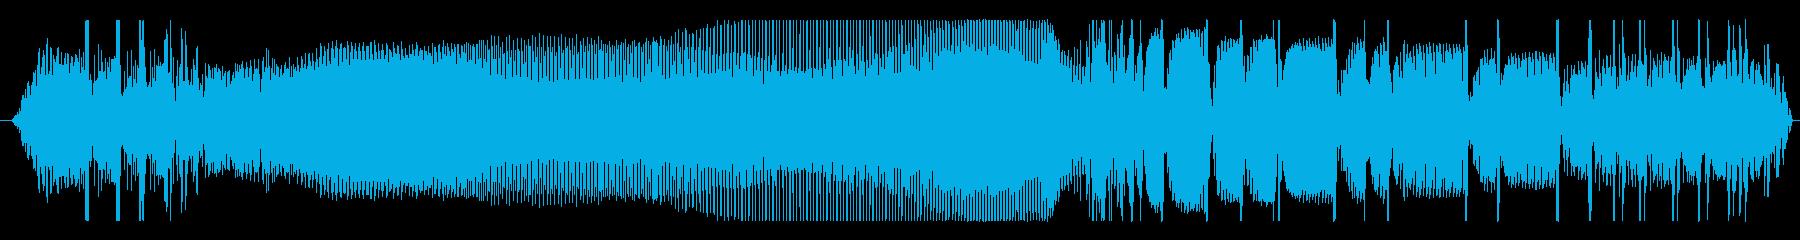 車 VW T1 アイドル加速減速度01の再生済みの波形